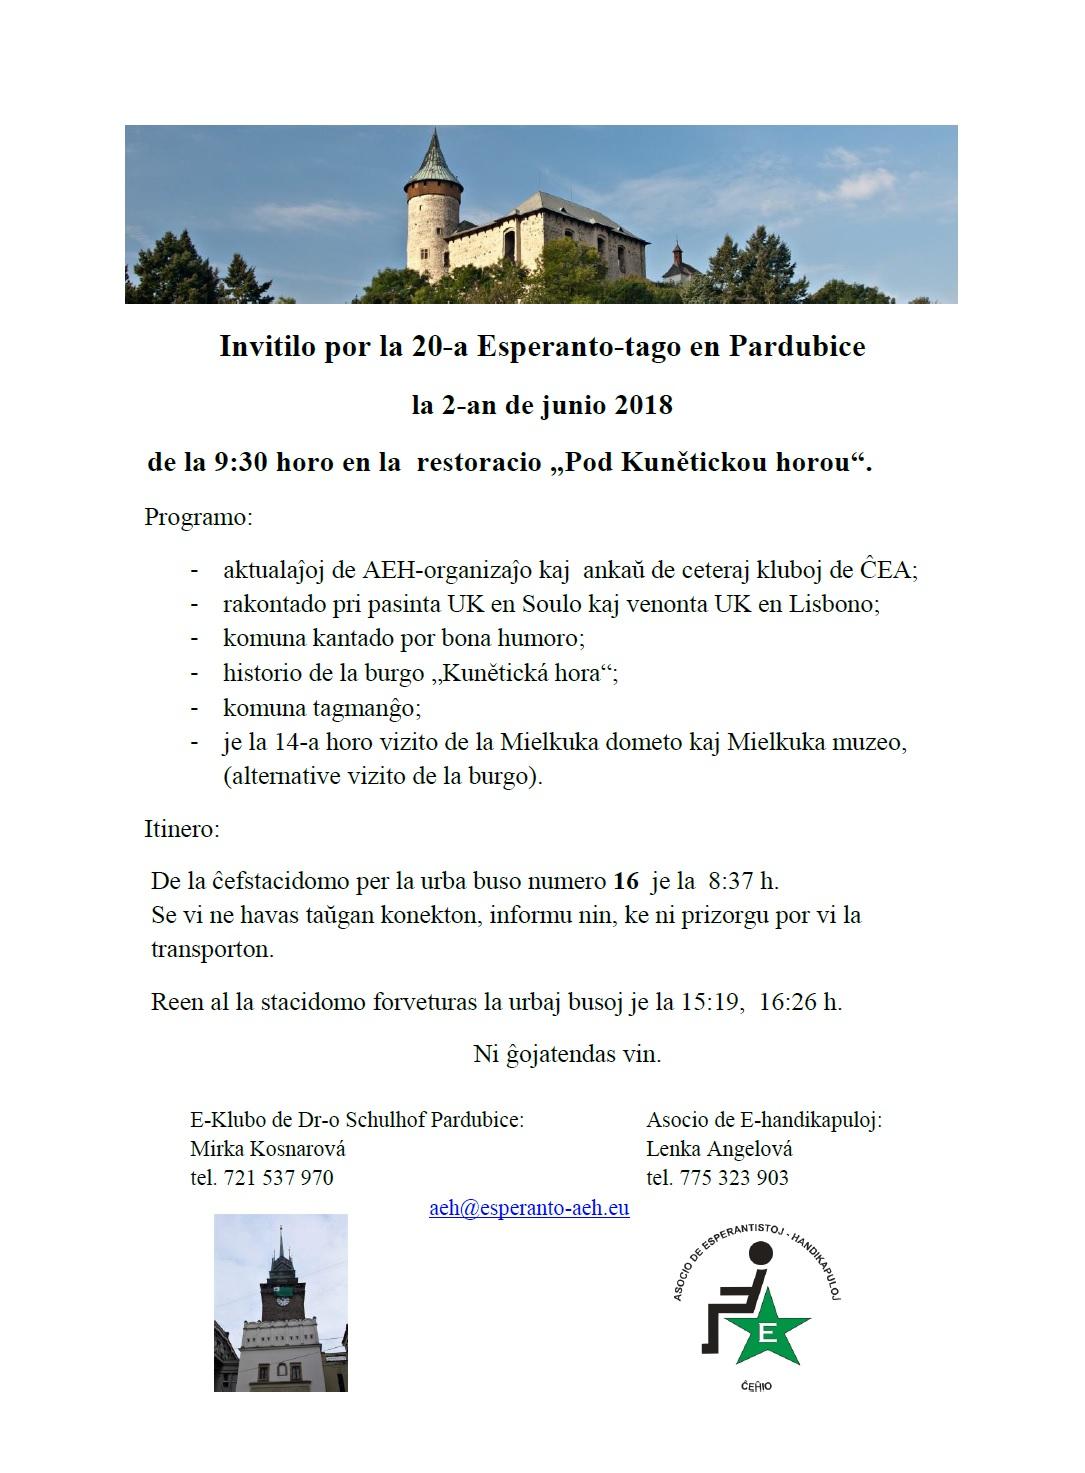 20.Esperanto-Tago en Pardubice